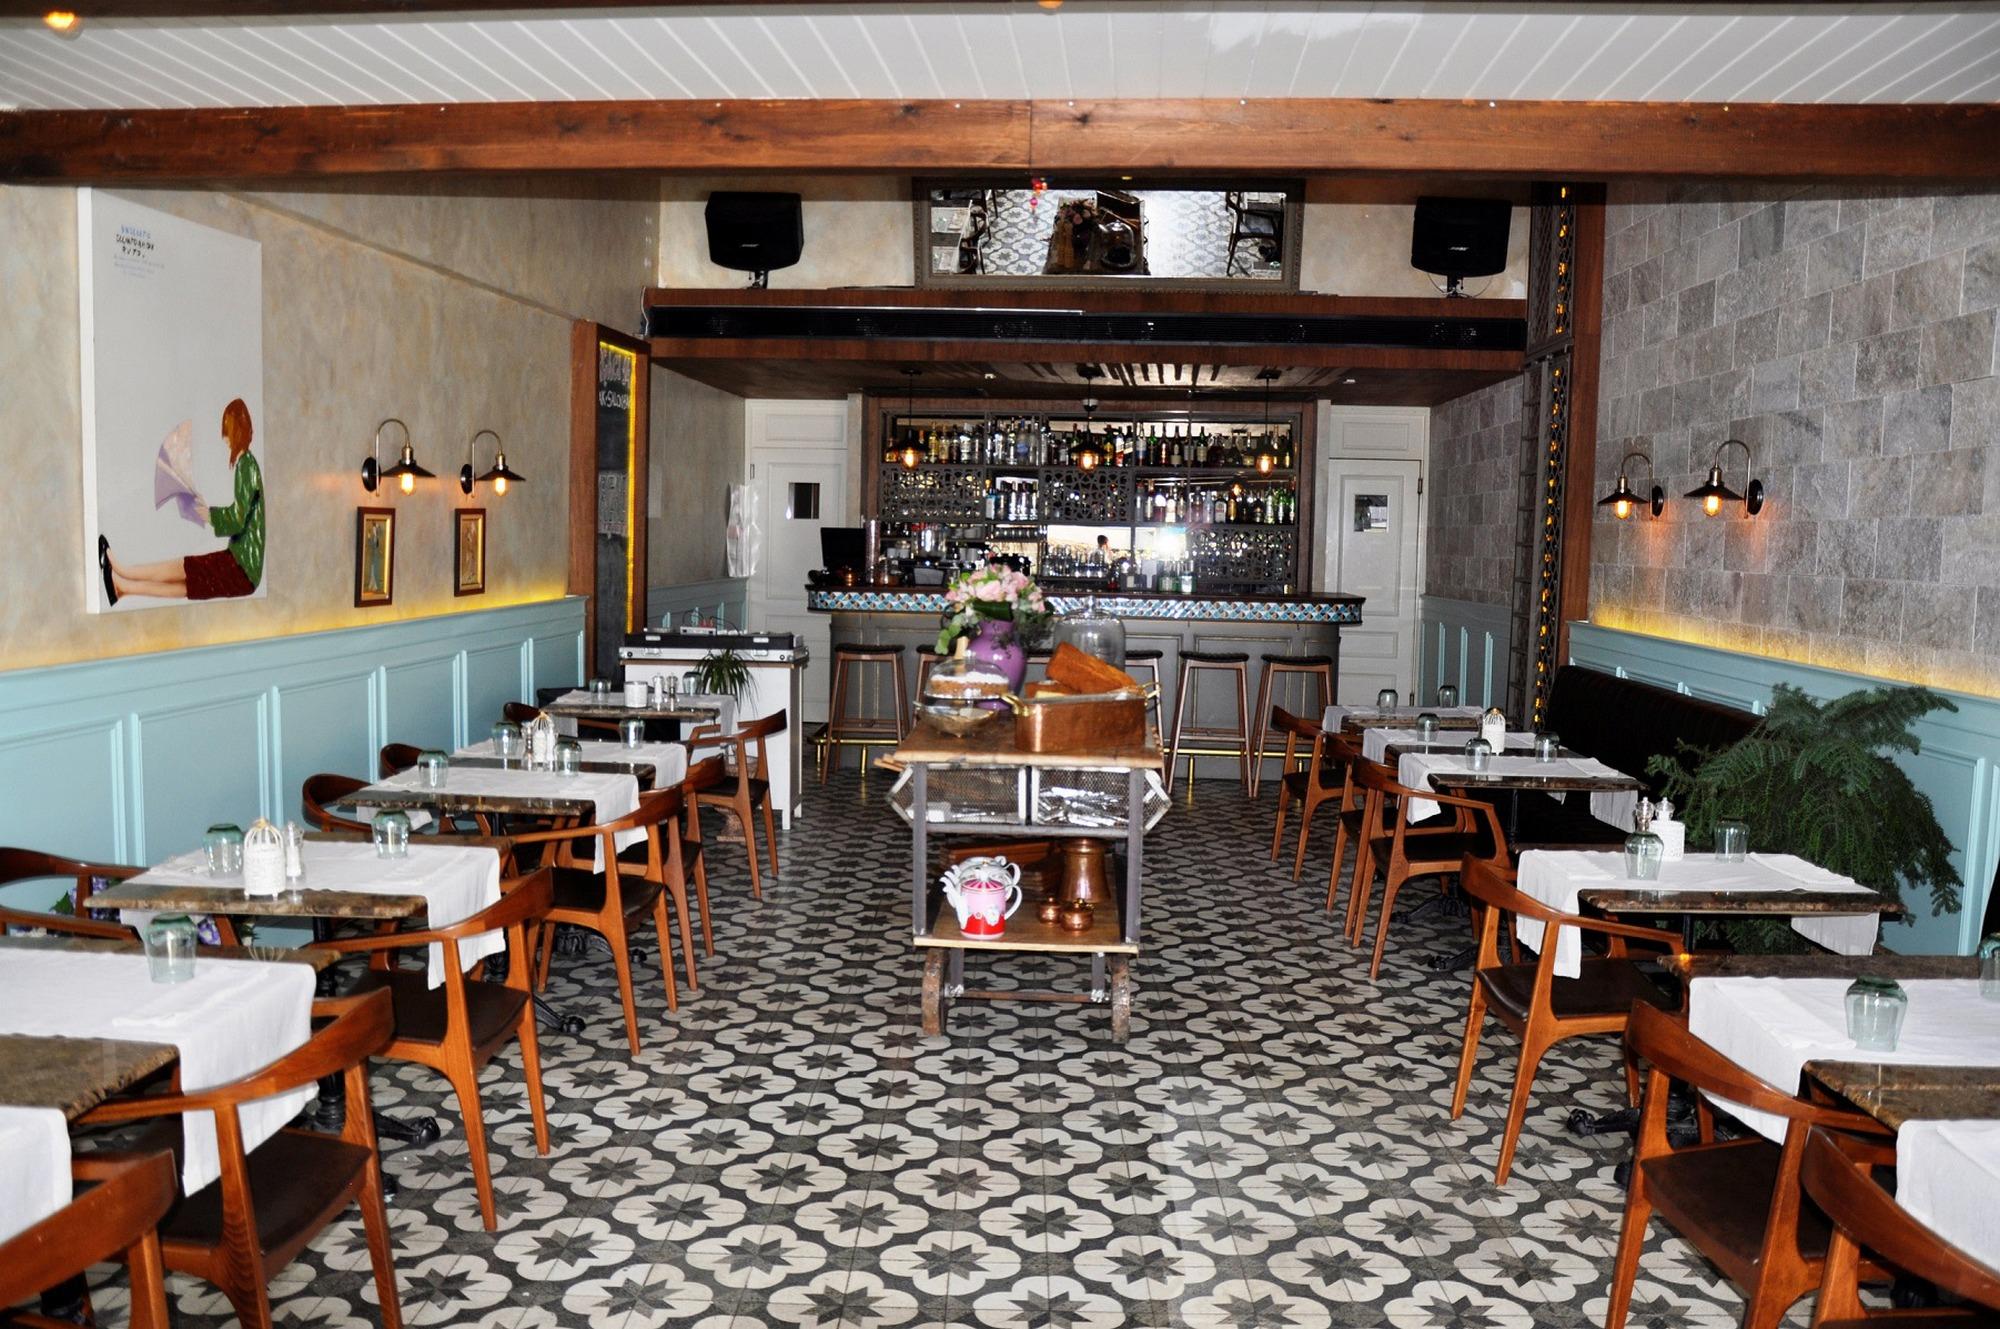 sircaci14, sırçacı 14 yeniköy, yeniköy mekanları, istanbul'da kahvaltı mekanları, en iyi kahvaltı, en iyi kokteyl, istanbul'da nerede ne yenir, en iyi yeme içme, yeniköy